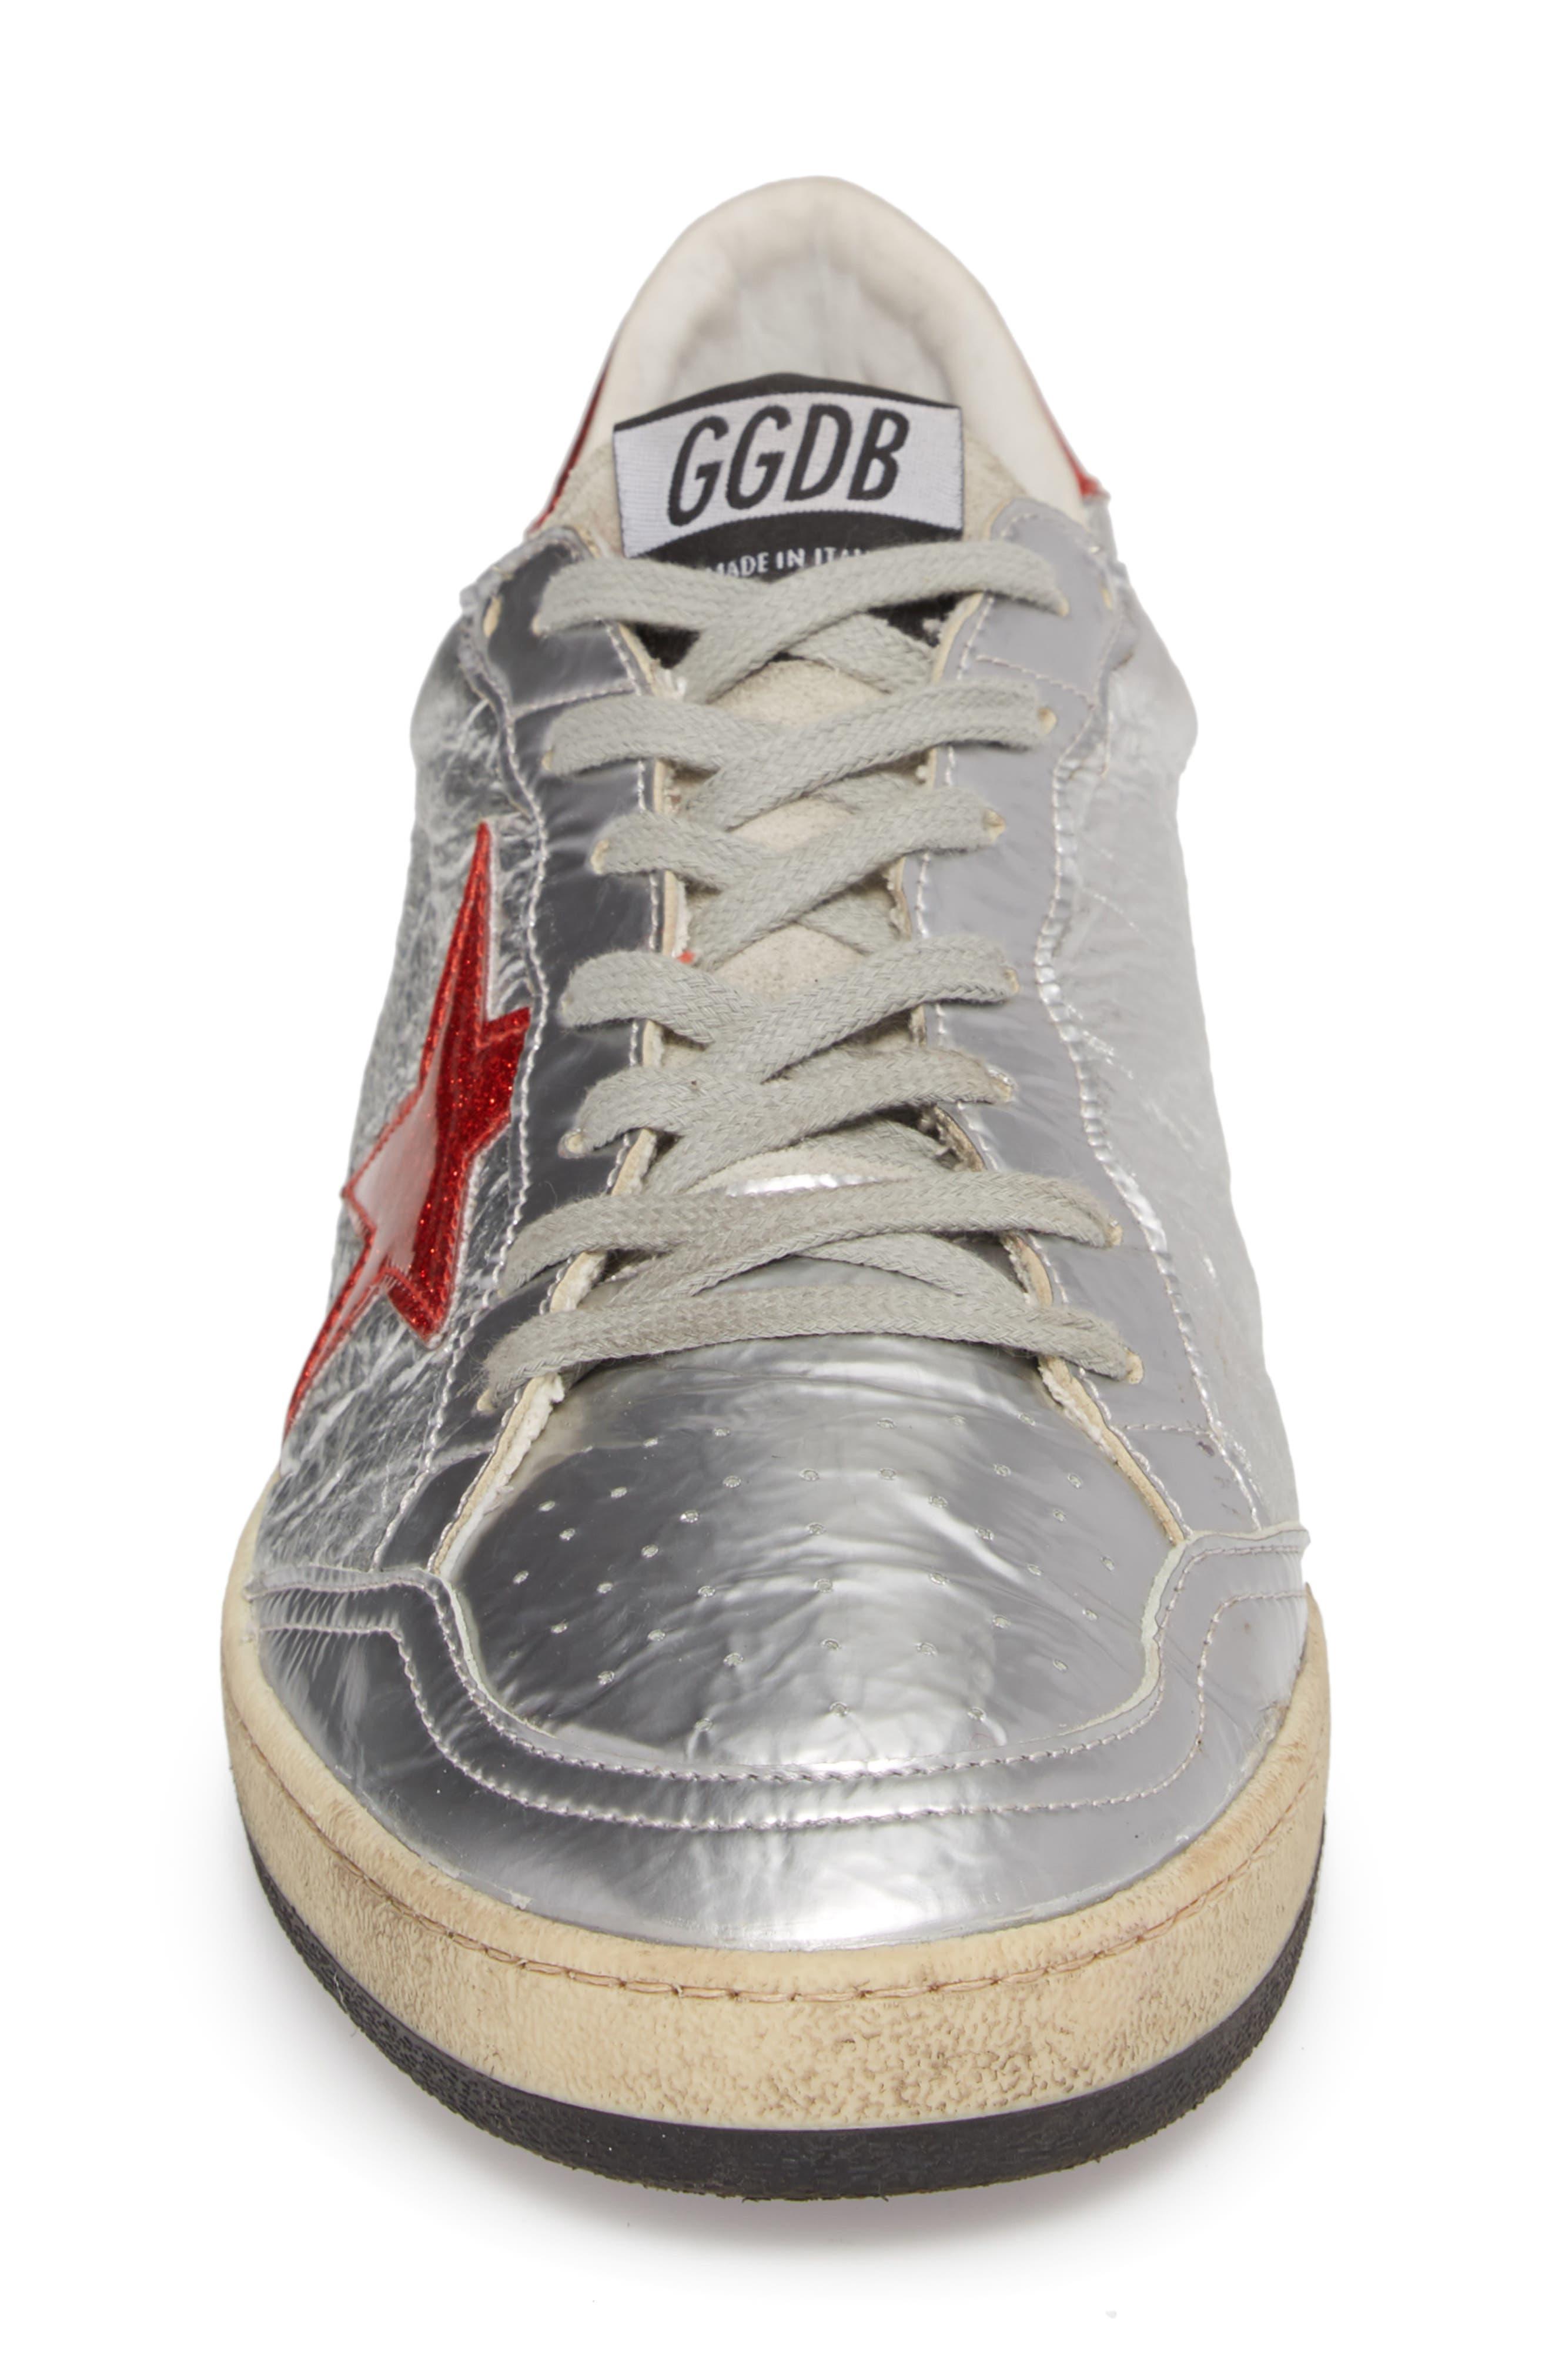 B-Ball Star Sneaker,                             Alternate thumbnail 6, color,                             Silver-Red Glitter- Star Dance